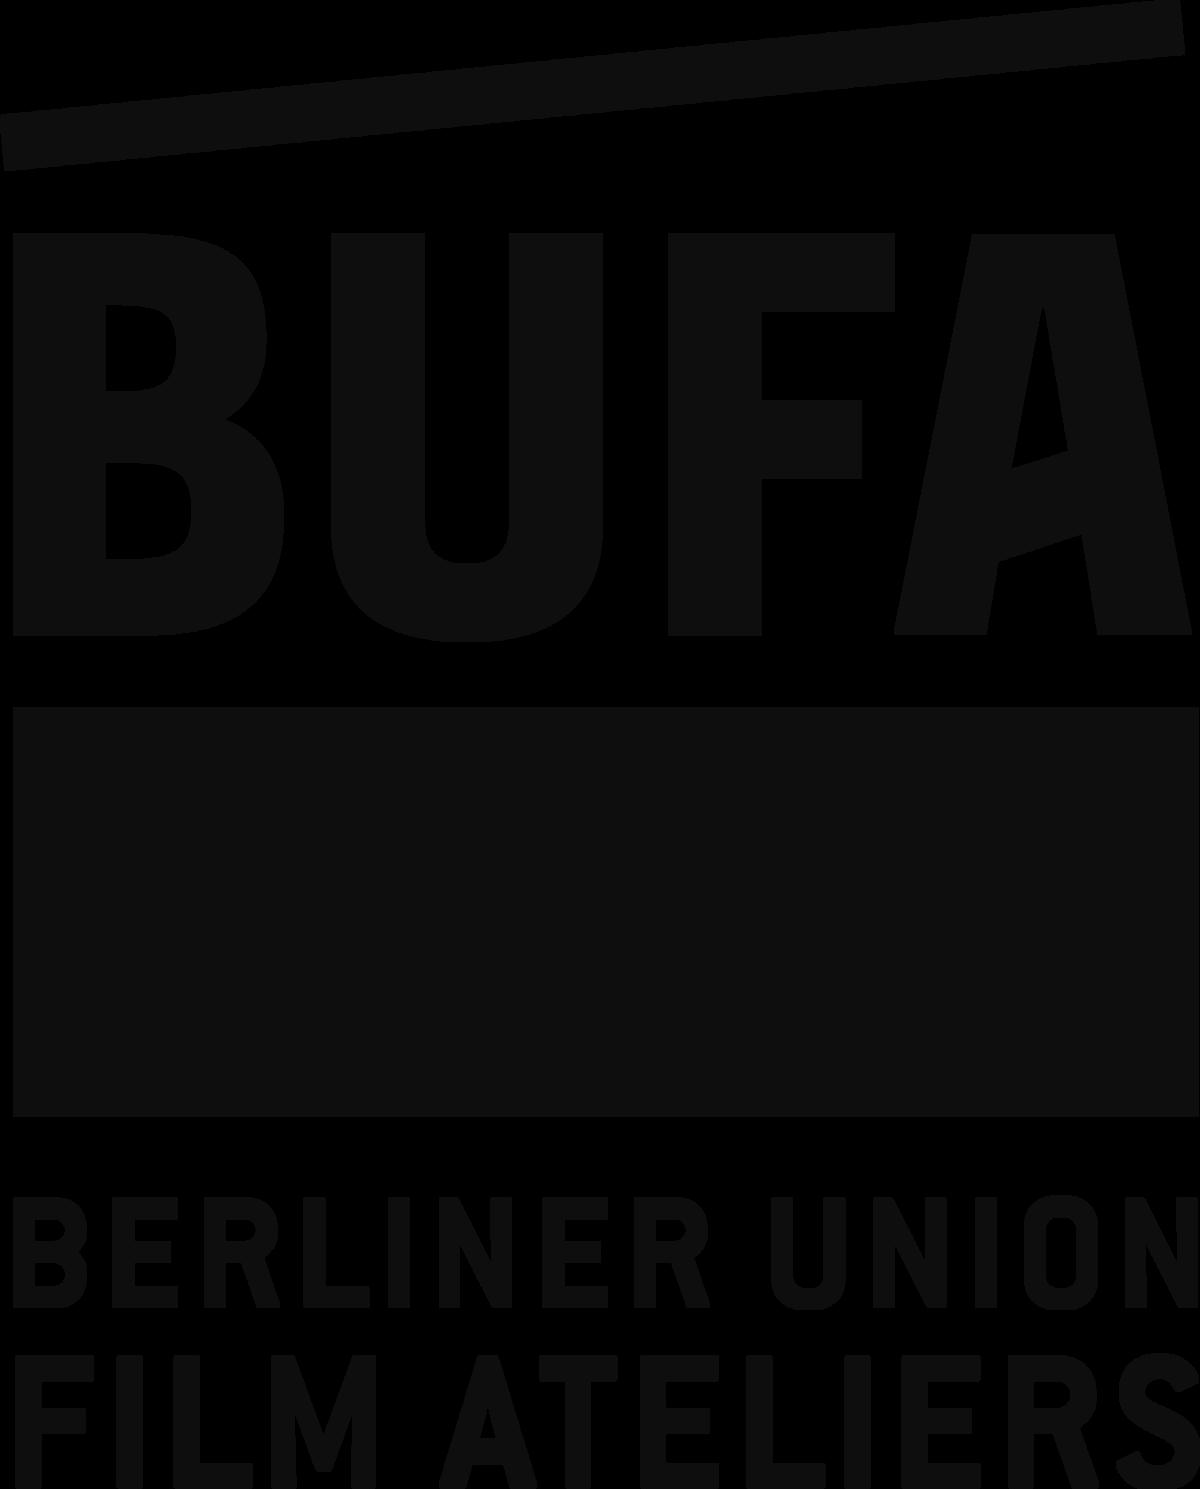 berliner union film casino